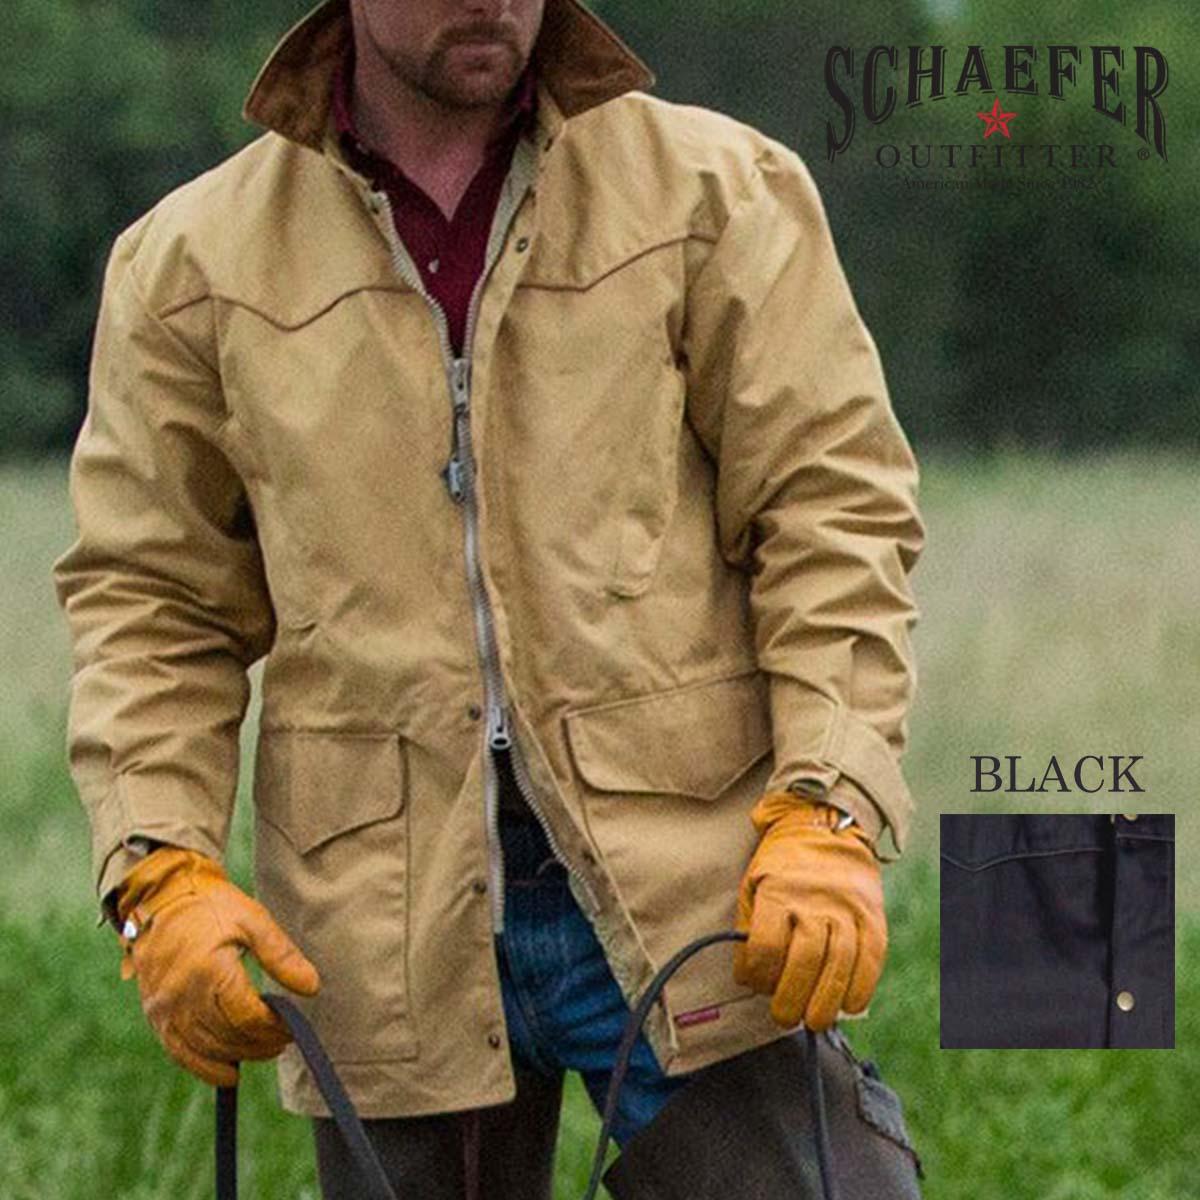 画像1: シェーファー ウエスタン ドリフター コート(ブラック)/Schaefer Drifter Coat(202-Black) (1)